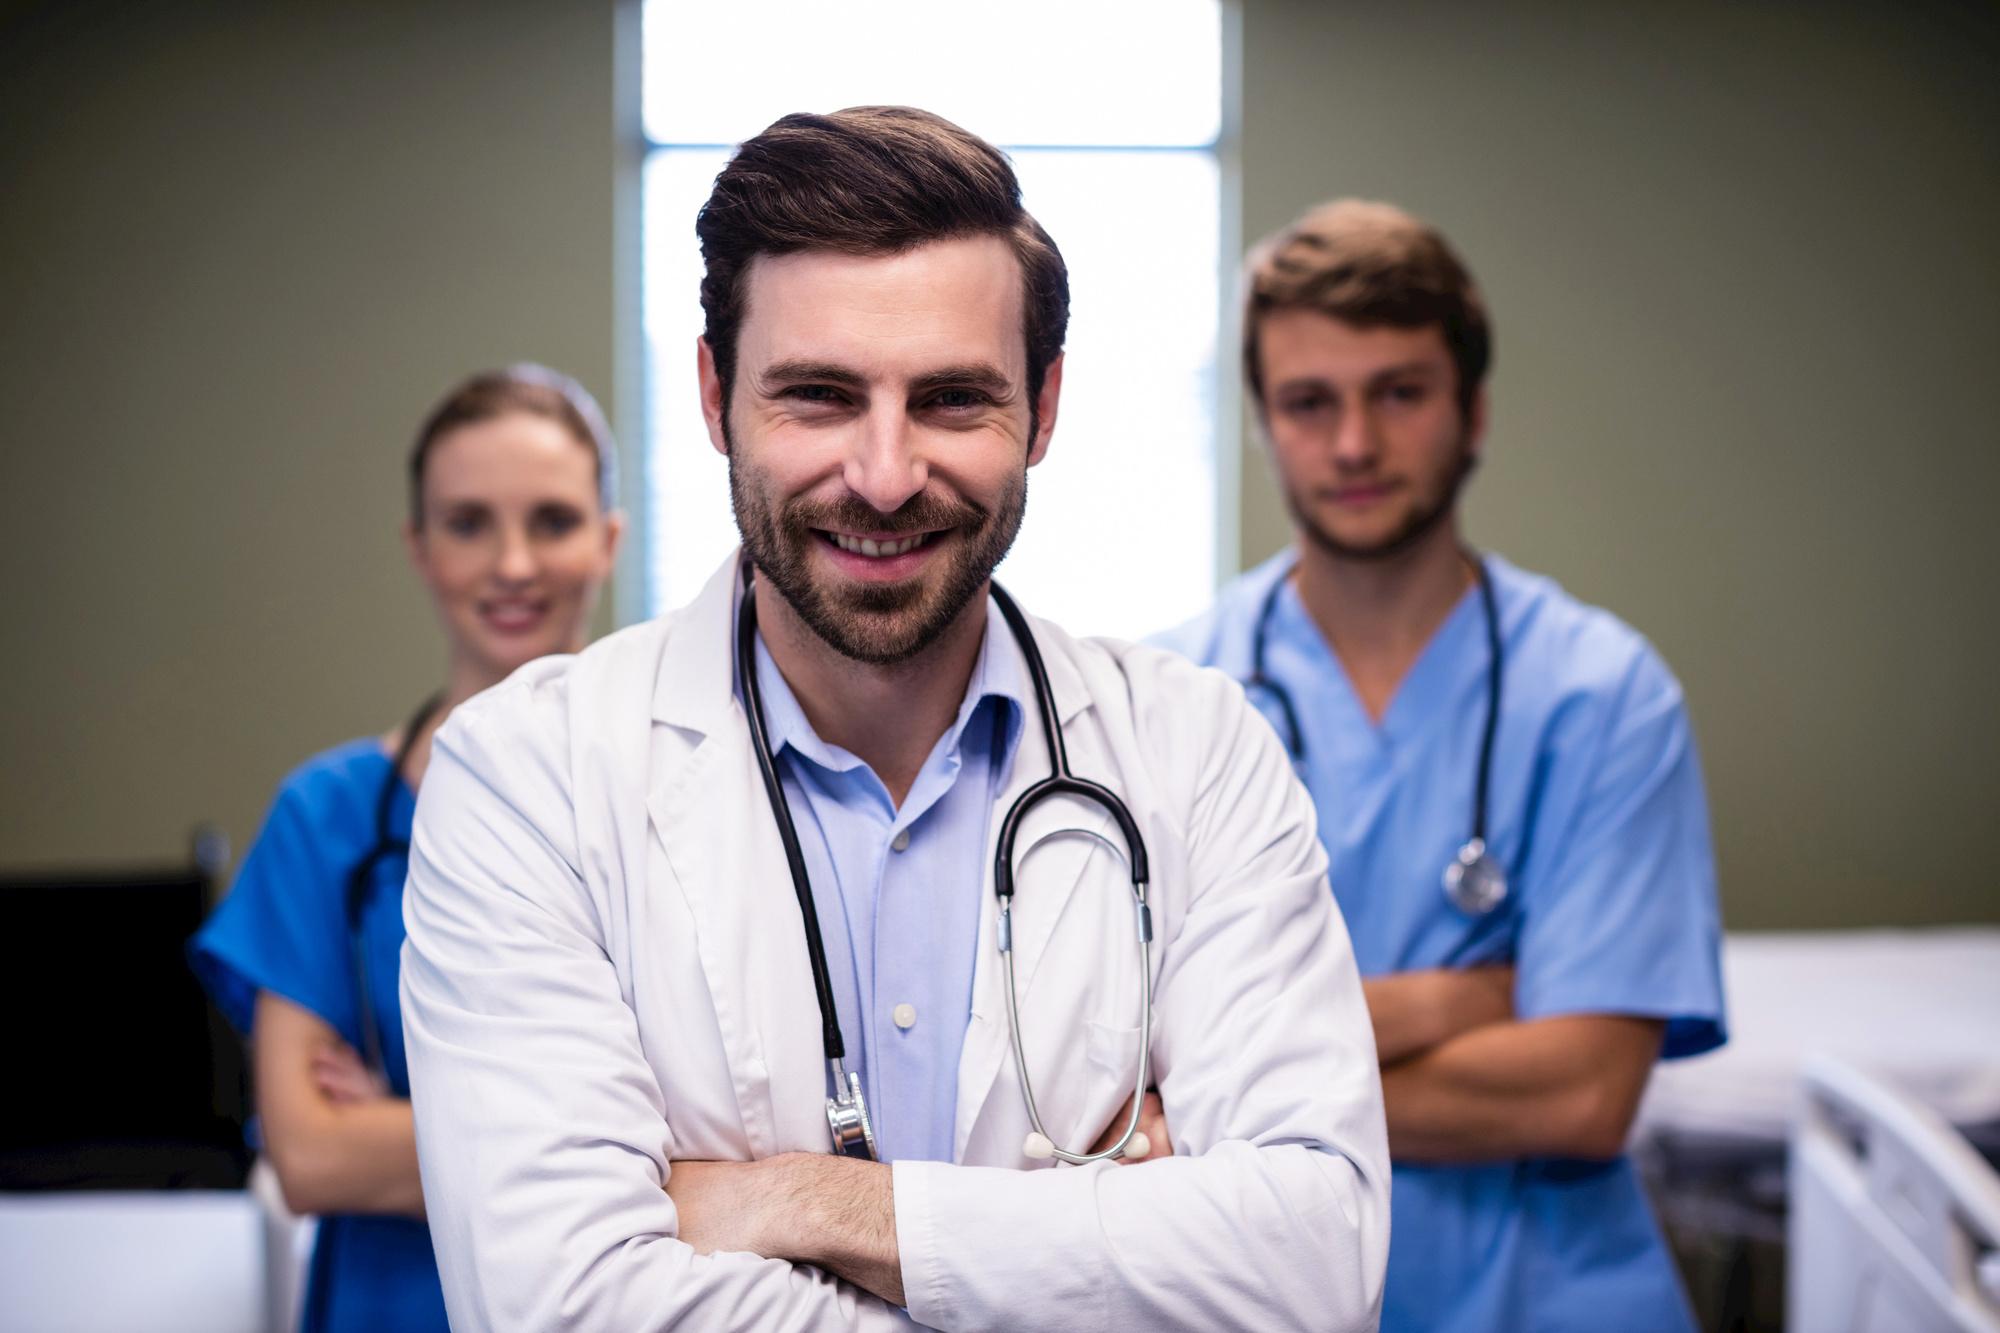 Heel veel profielfoto's van dokters in de klasieke, witte doktersjas op Instagram en Facebook, stelt prof. Lode Godderis vast., Belga